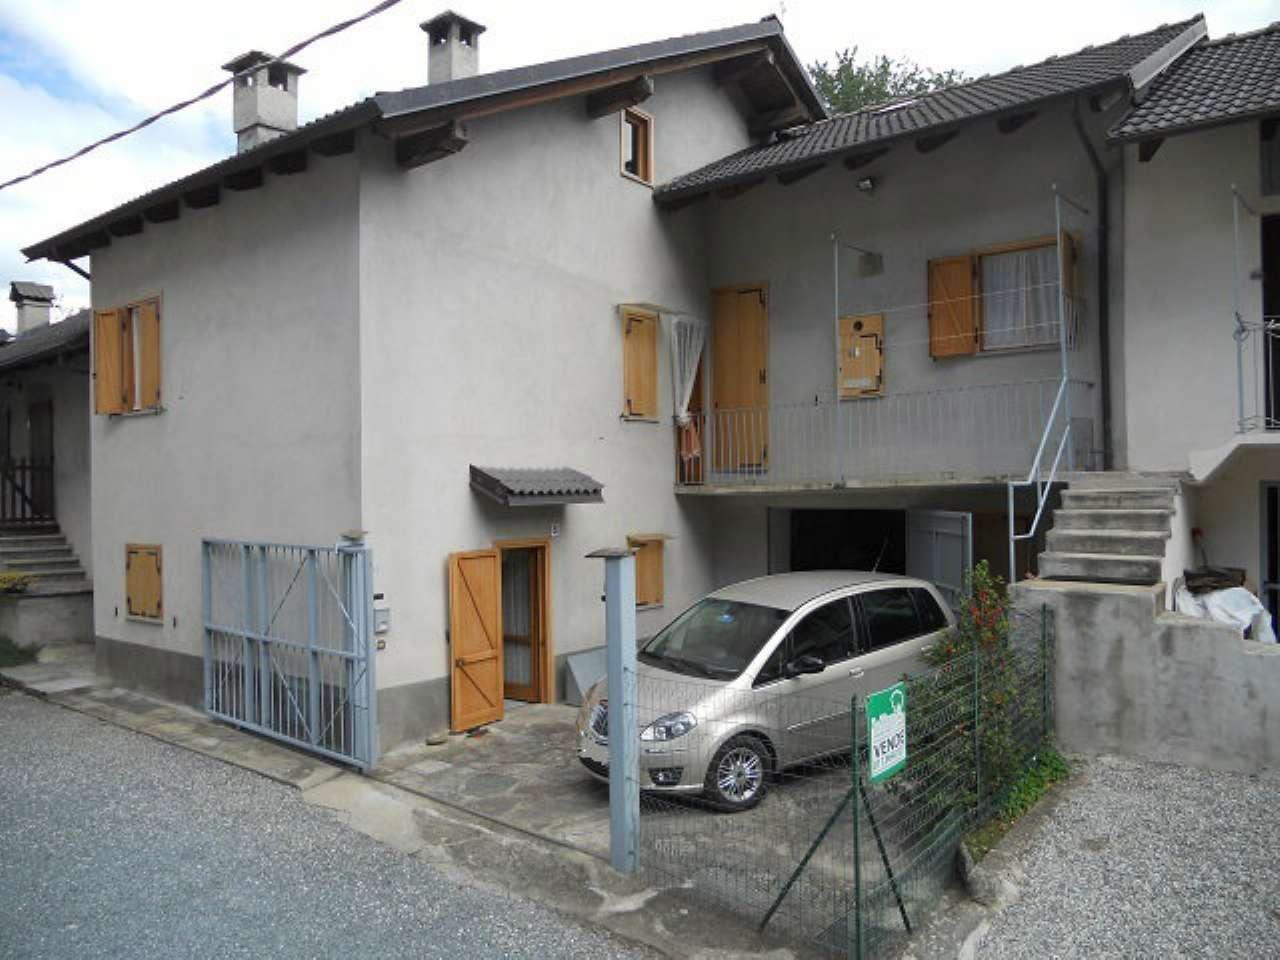 Palazzo / Stabile in vendita a Sant'Antonino di Susa, 5 locali, prezzo € 125.000 | CambioCasa.it